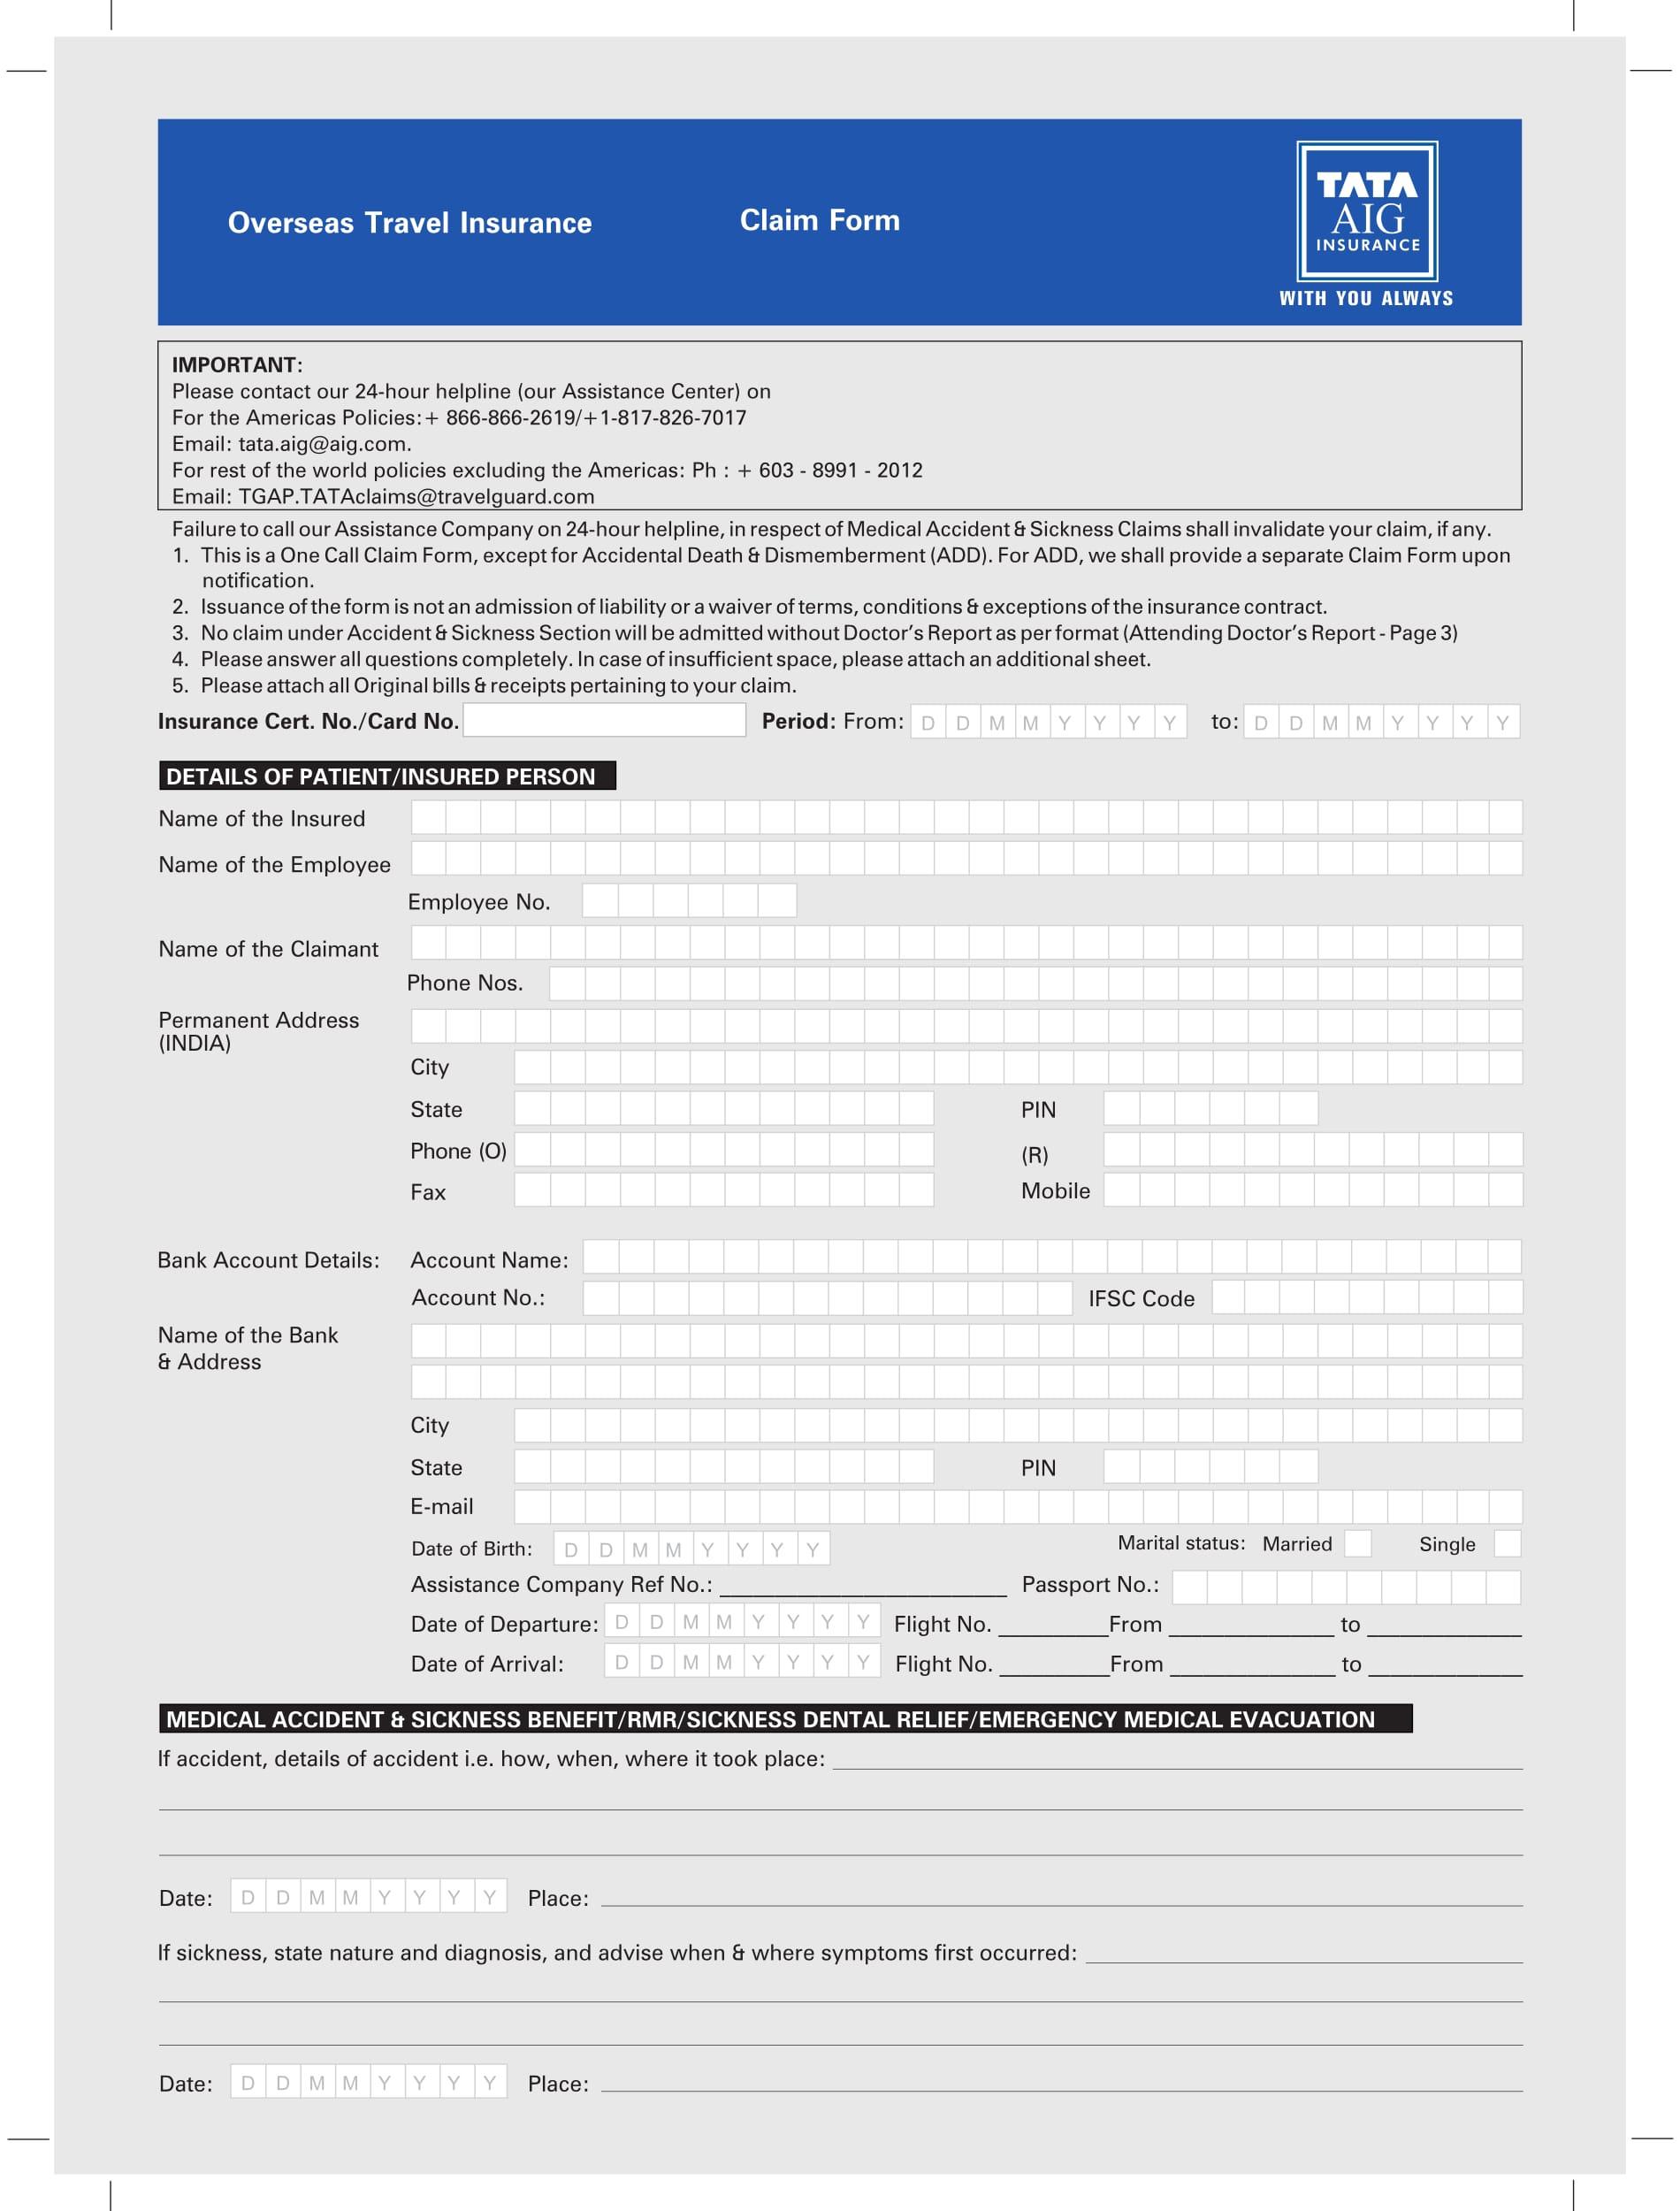 travel claim form 1